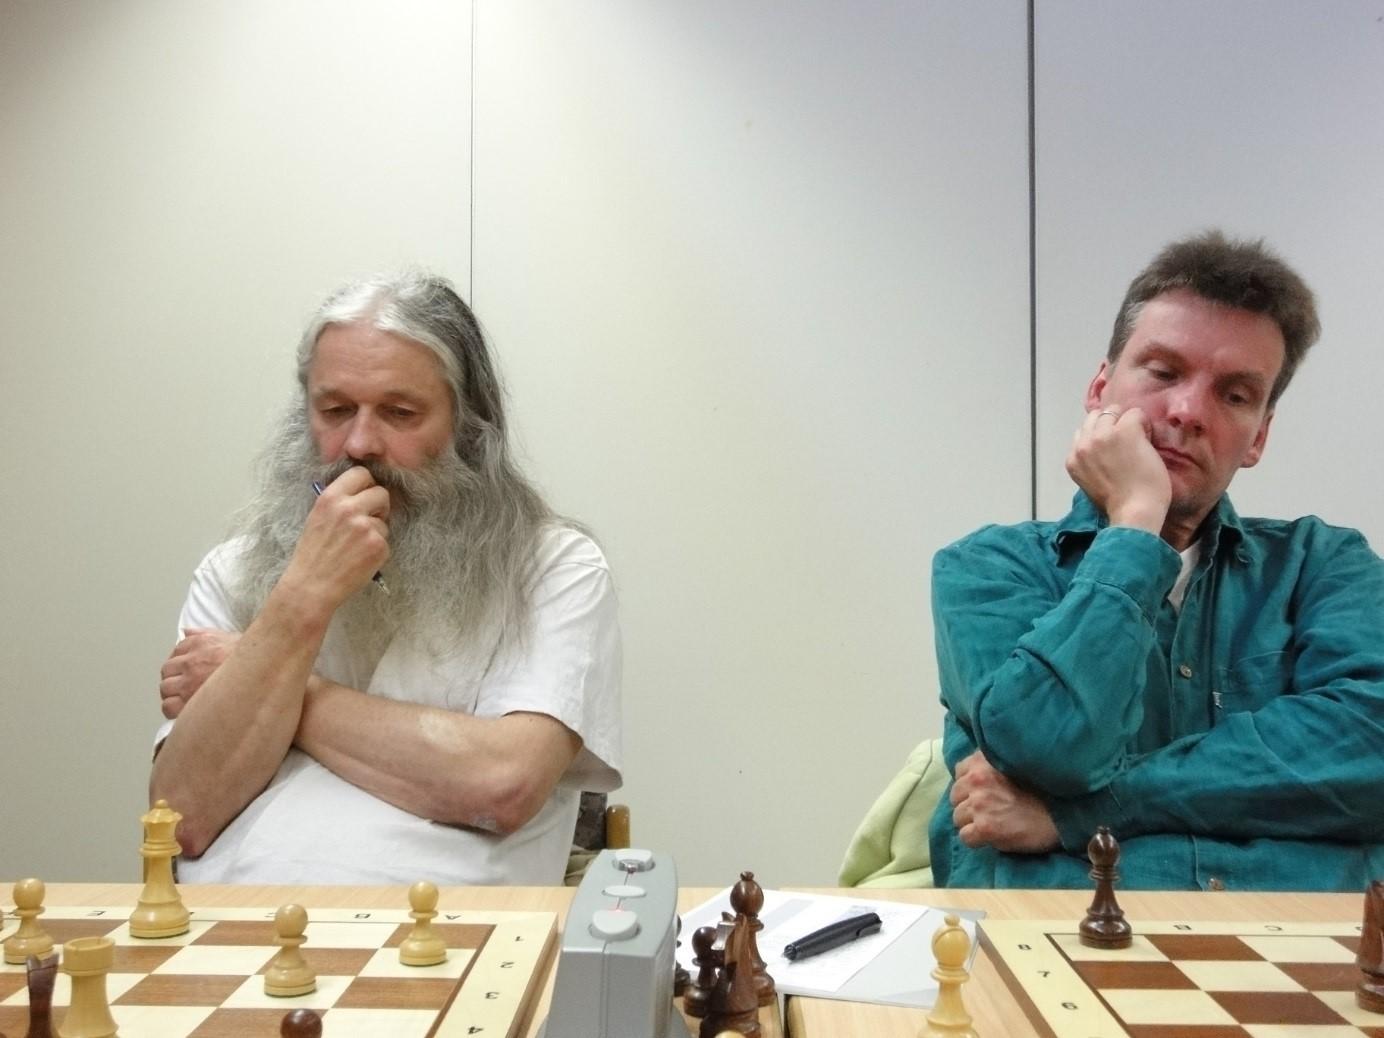 Die verstorbenen HSK 11 Spieler Reiner Basteck und Udo Figger (v.l.n.r., Aufnahme aus dem Jahr 2009)